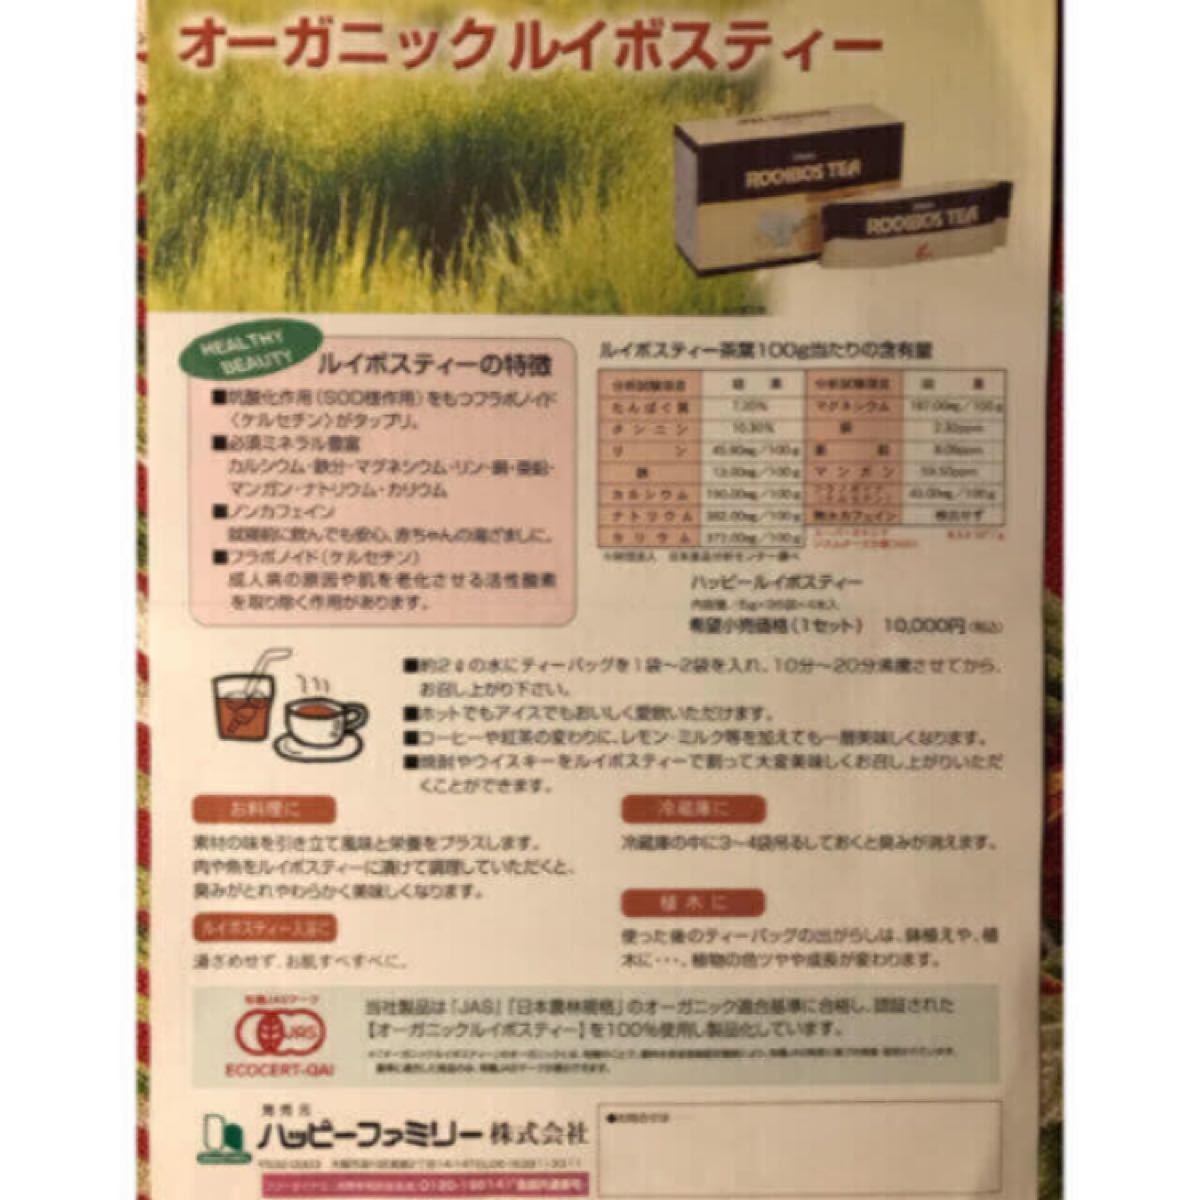 ハッピーファミリー■ハッピールイボスティー1箱(35個入×4袋)■オーガニック茶